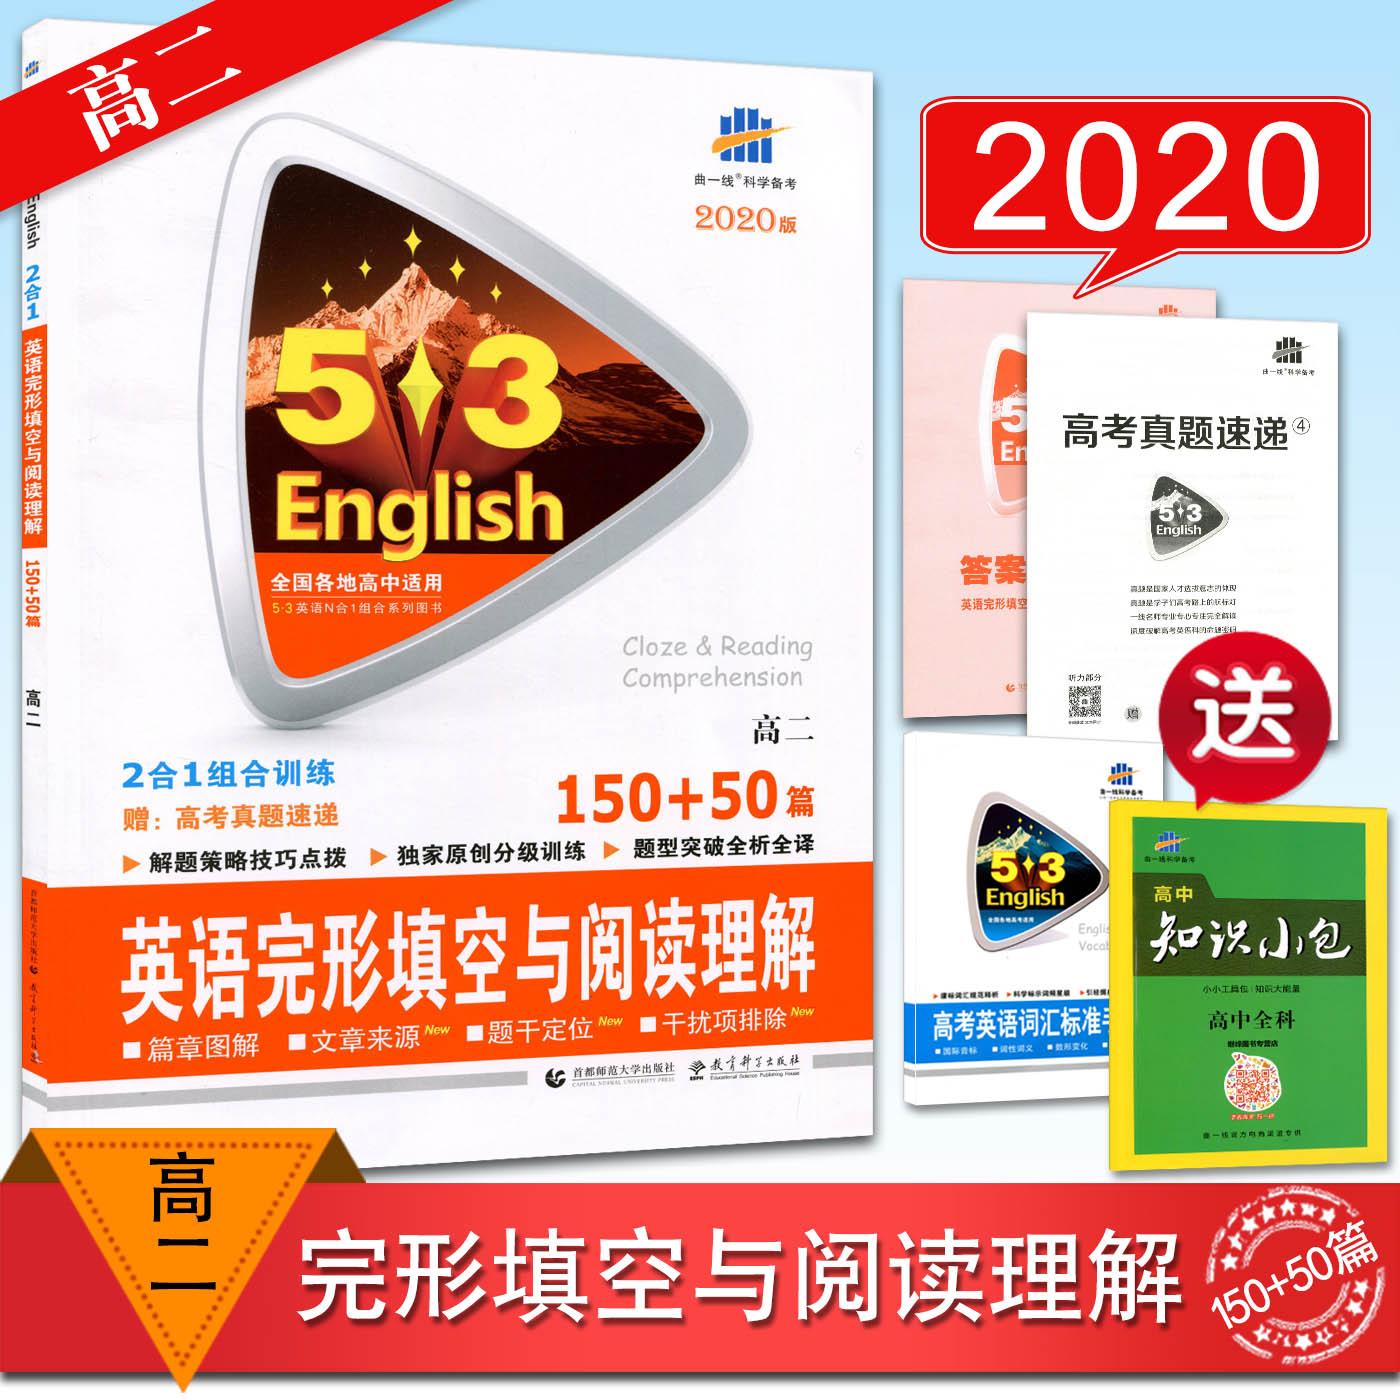 赠知识小包词汇2020版英语完形填空与阅读理解高二 150+50篇2合1 高二英语阅读理解完形填空 53英语专项训练高二高中英语阅读理解